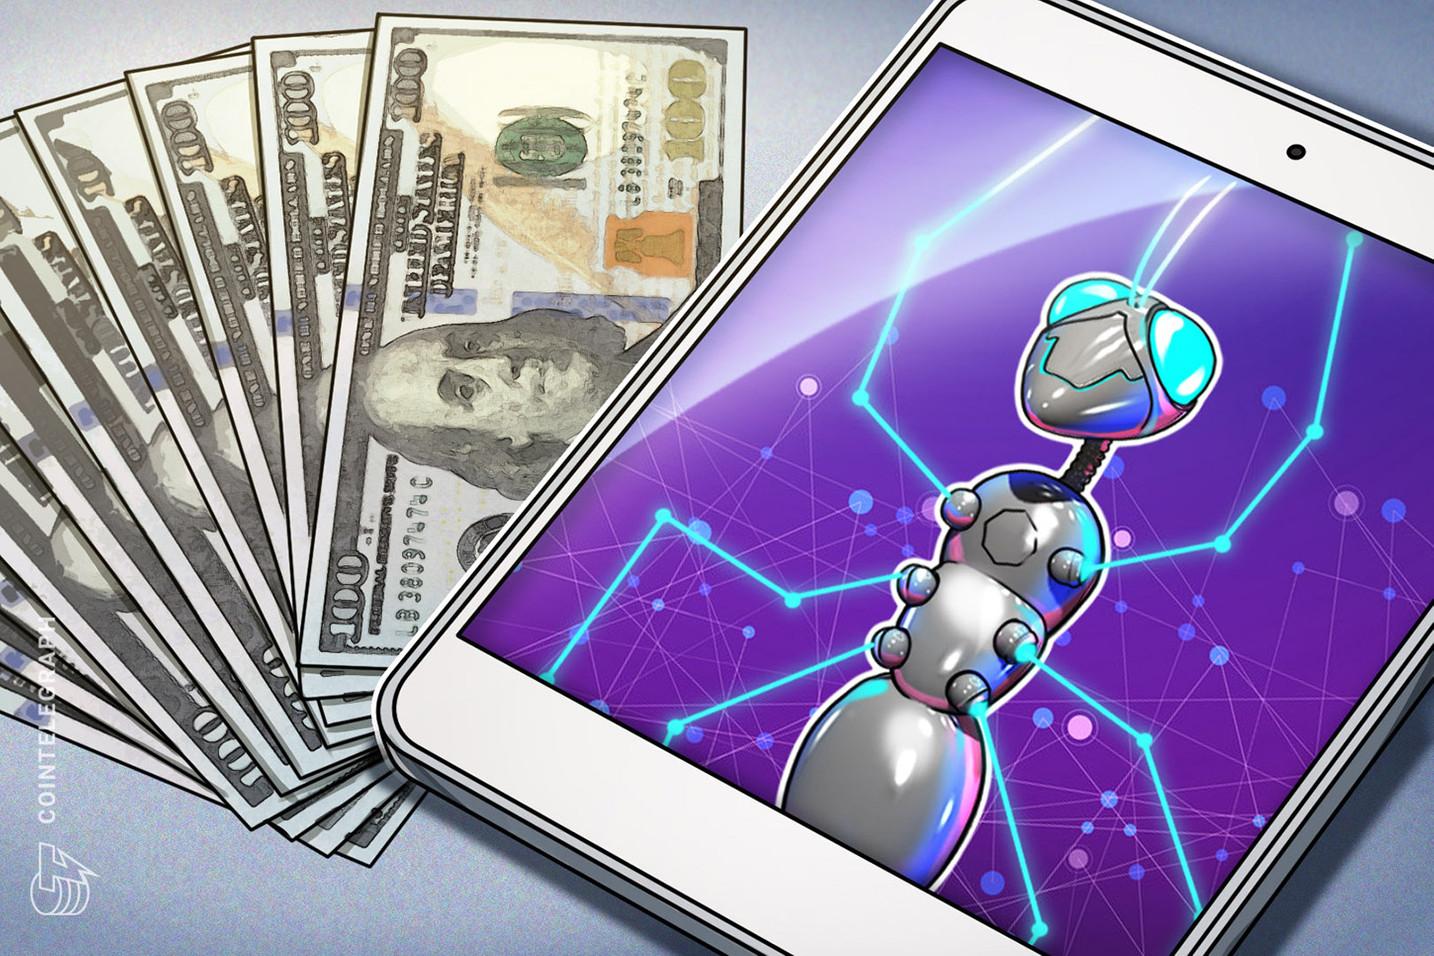 Η πλατφόρμα διαλειτουργικότητας Bitcoin Interlay συγκεντρώνει 3 εκατομμύρια δολάρια σε χρηματοδότηση σπόρων